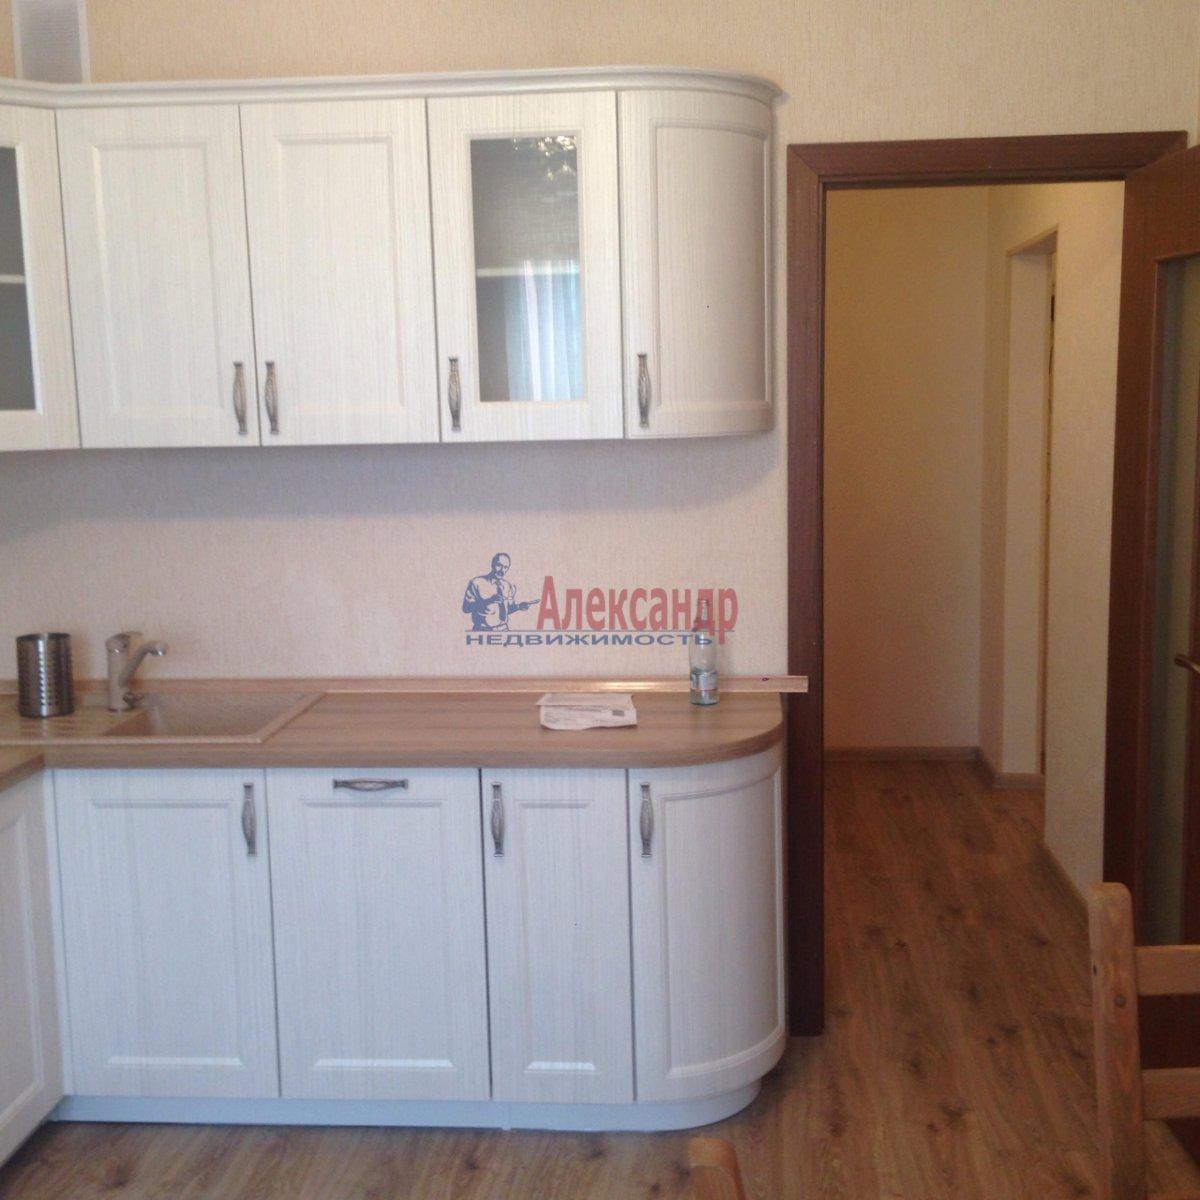 3-комнатная квартира (82м2) в аренду по адресу Даниила Хармса ул., 5— фото 2 из 13